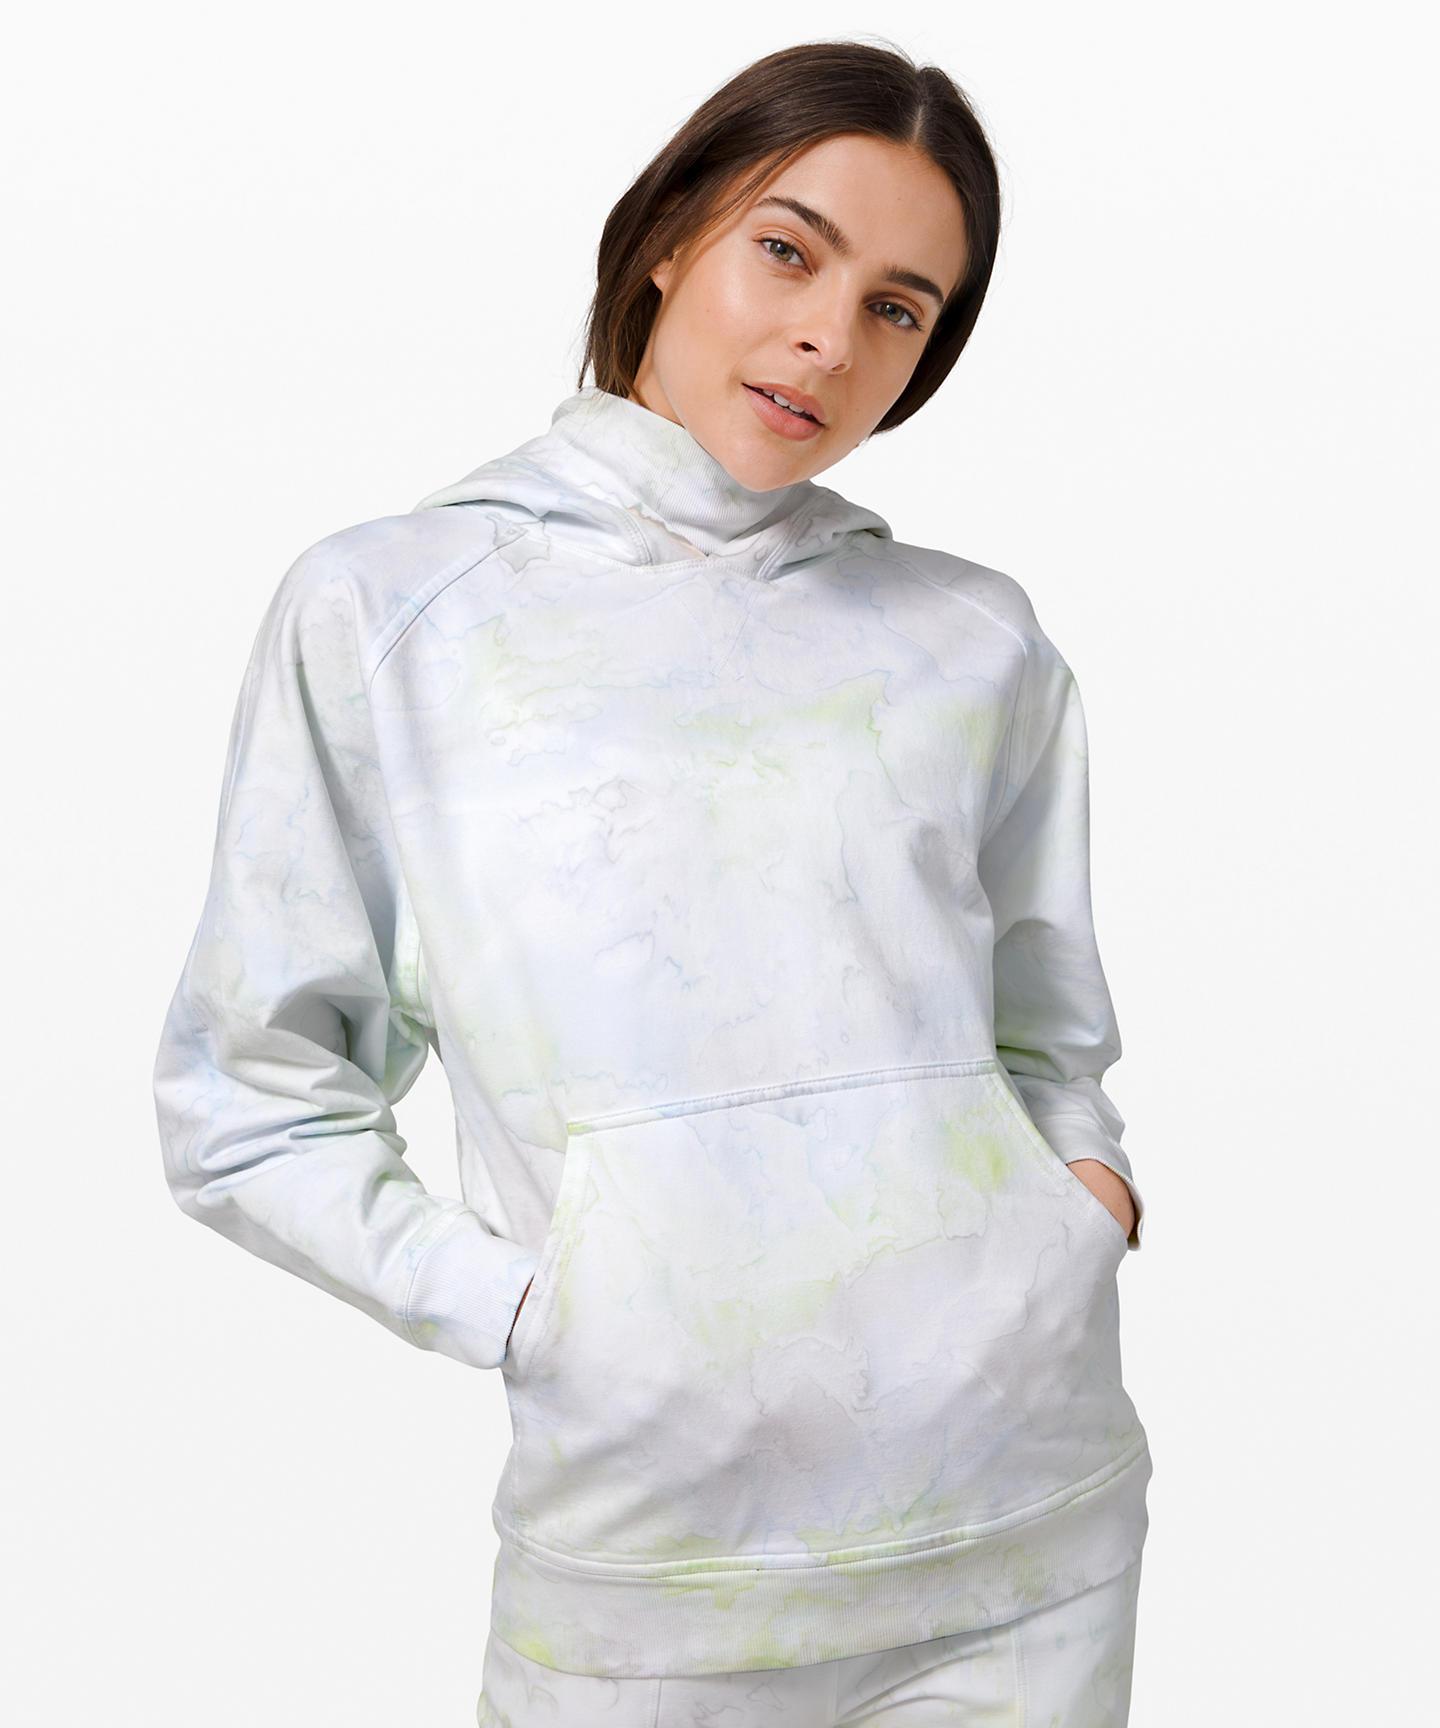 Lululemon Tie-Dye Sweatsuits